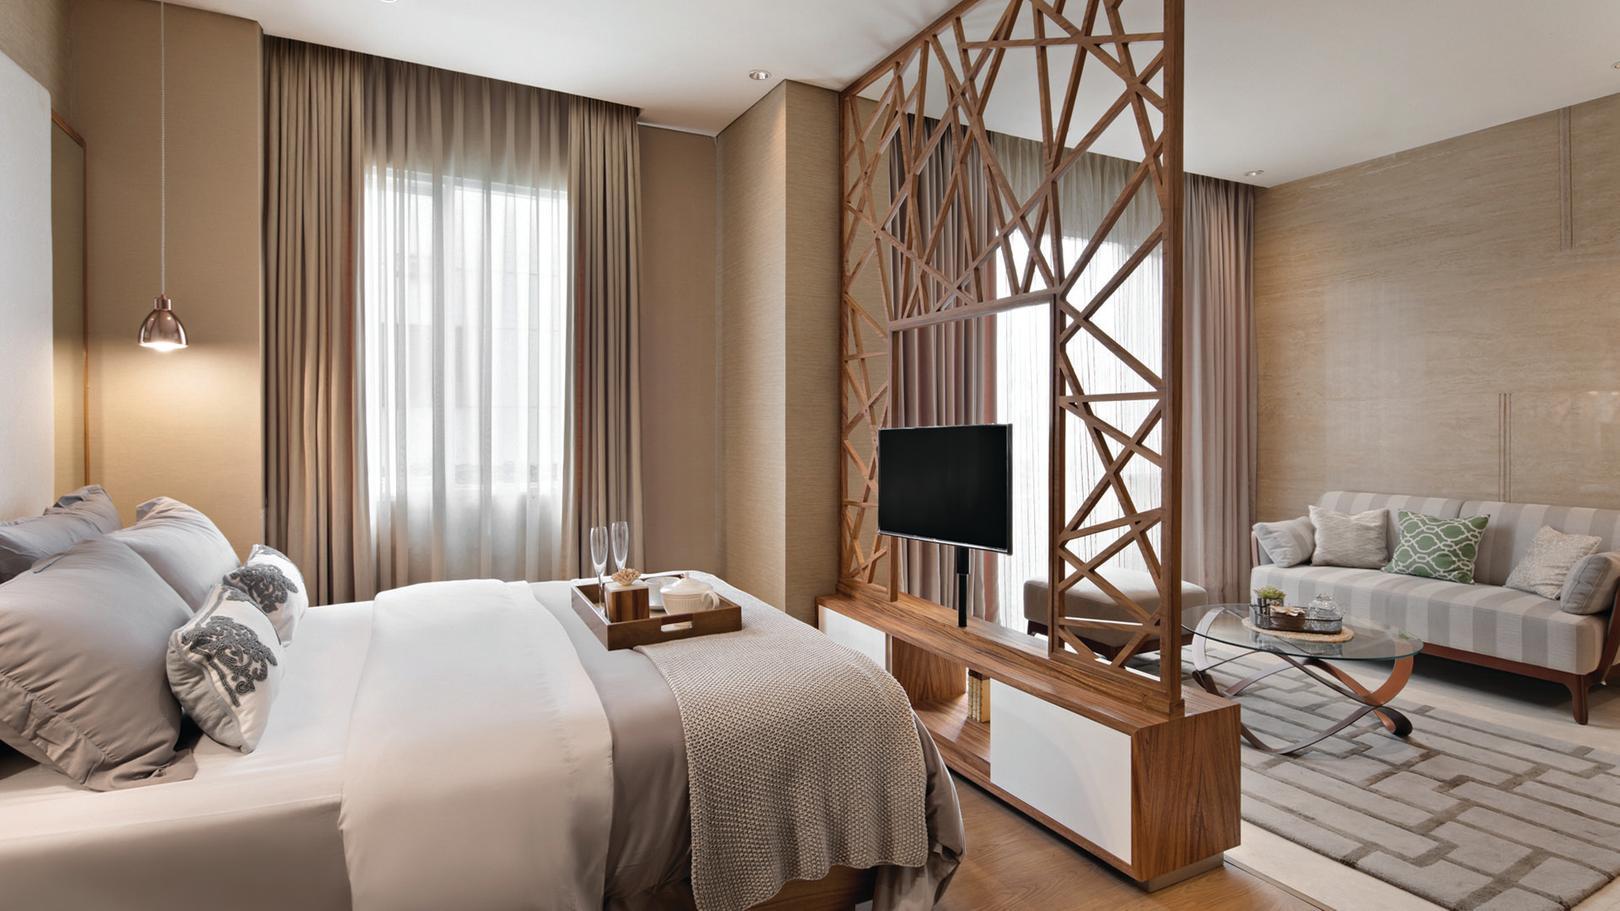 apartemen di jakarta- rumah123.com